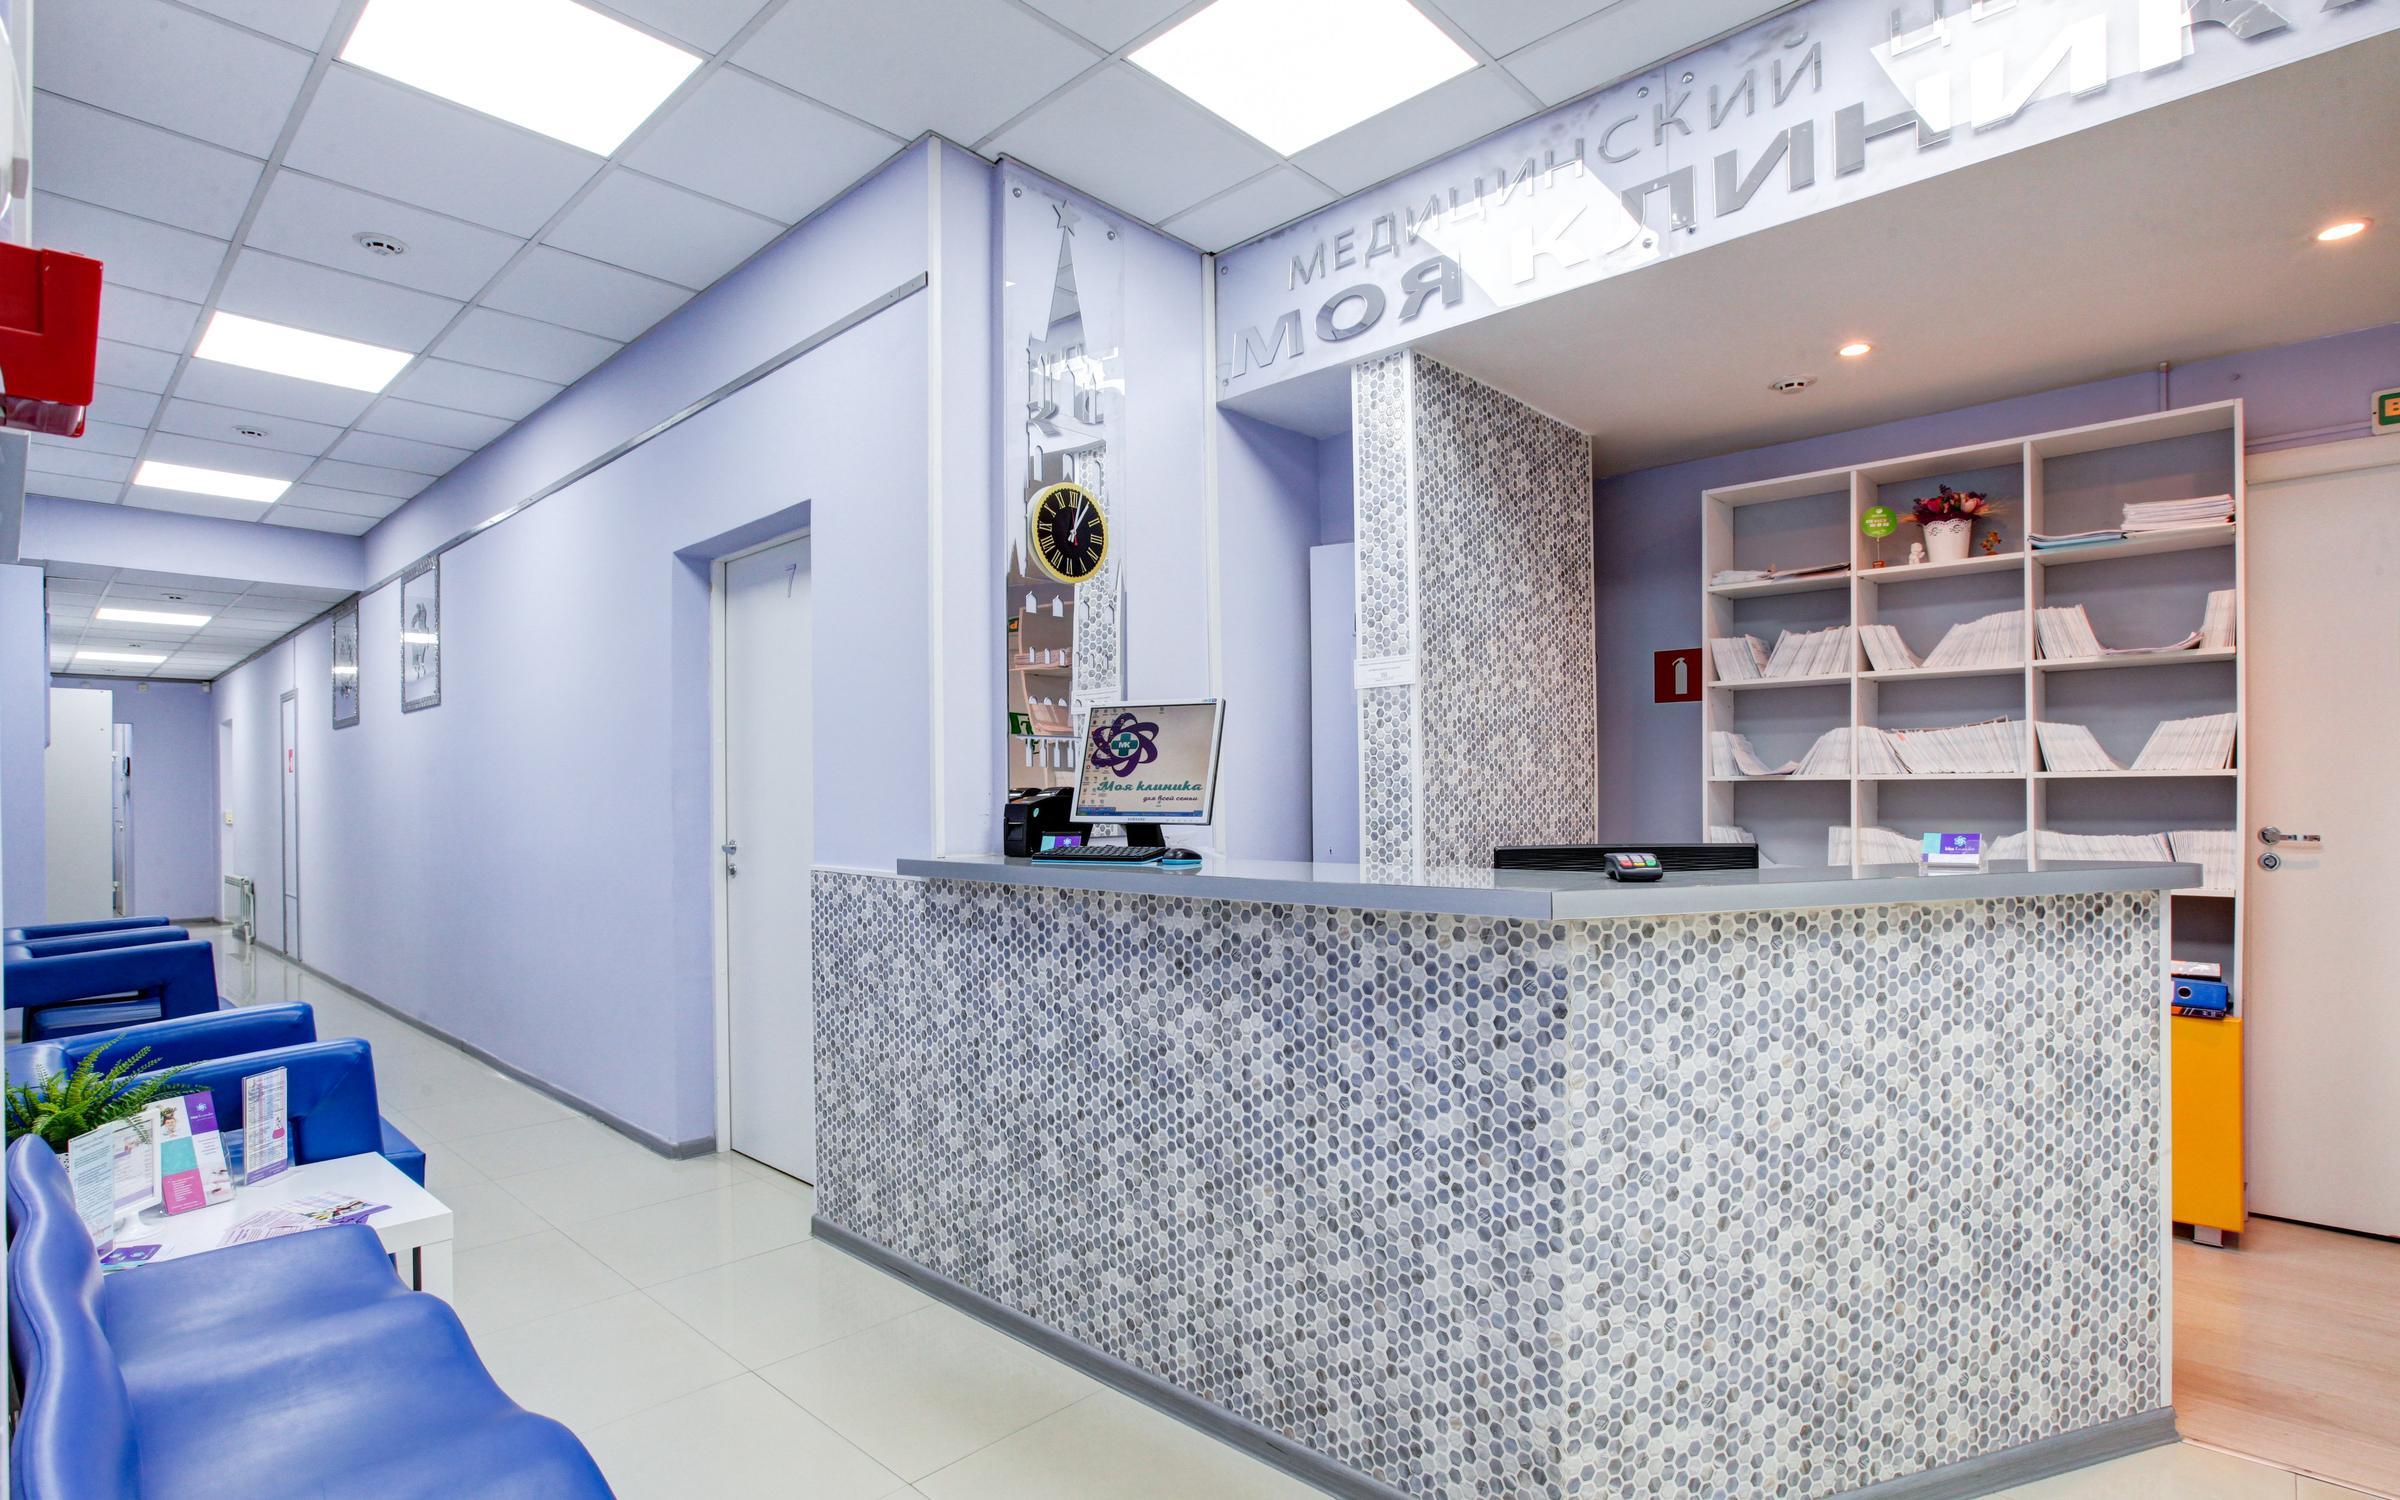 фотография Многопрофильного медицинского центра Моя Клиника в Солнцево